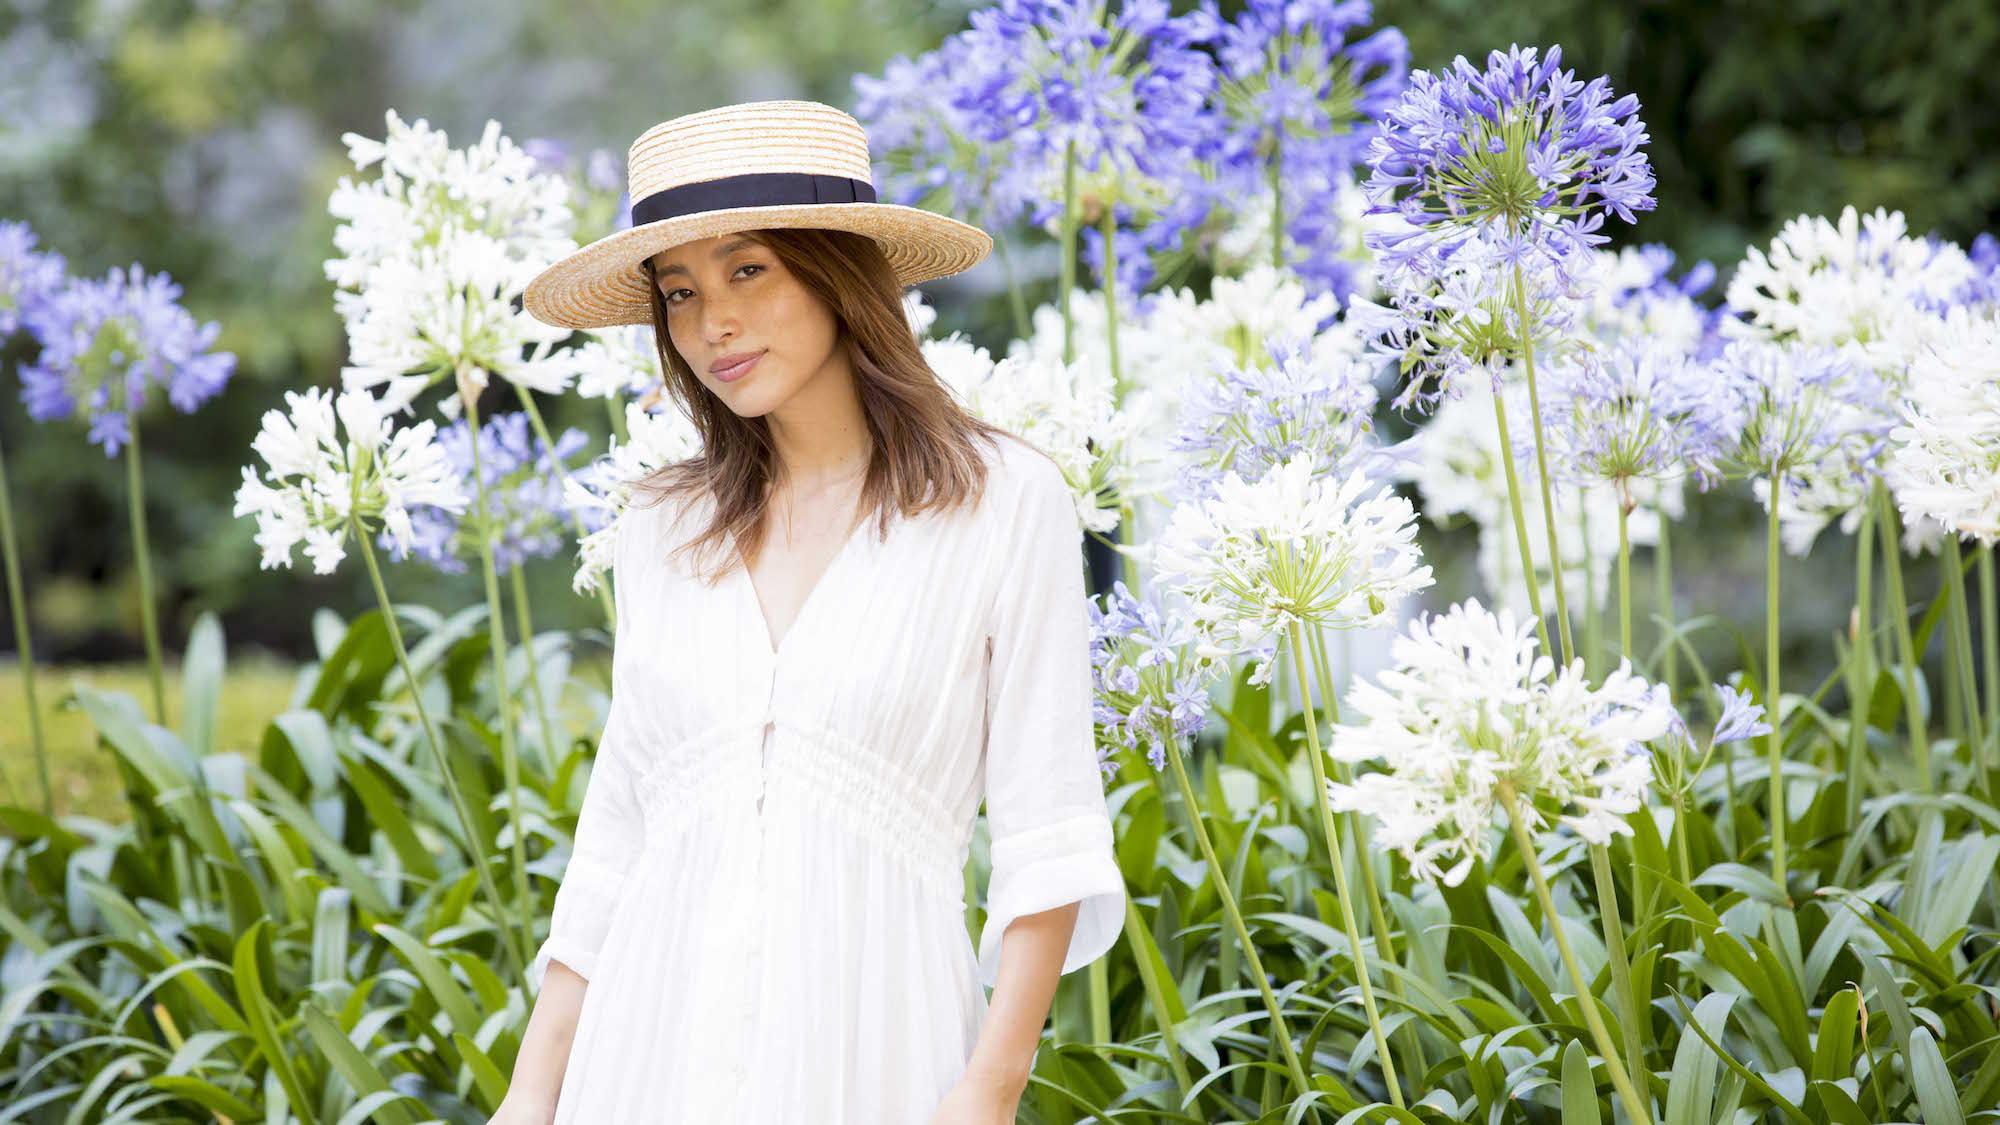 涼しげに夏スタイルを演出するホワイトワンピース/JUNNAさんの7days coordinate #Day3